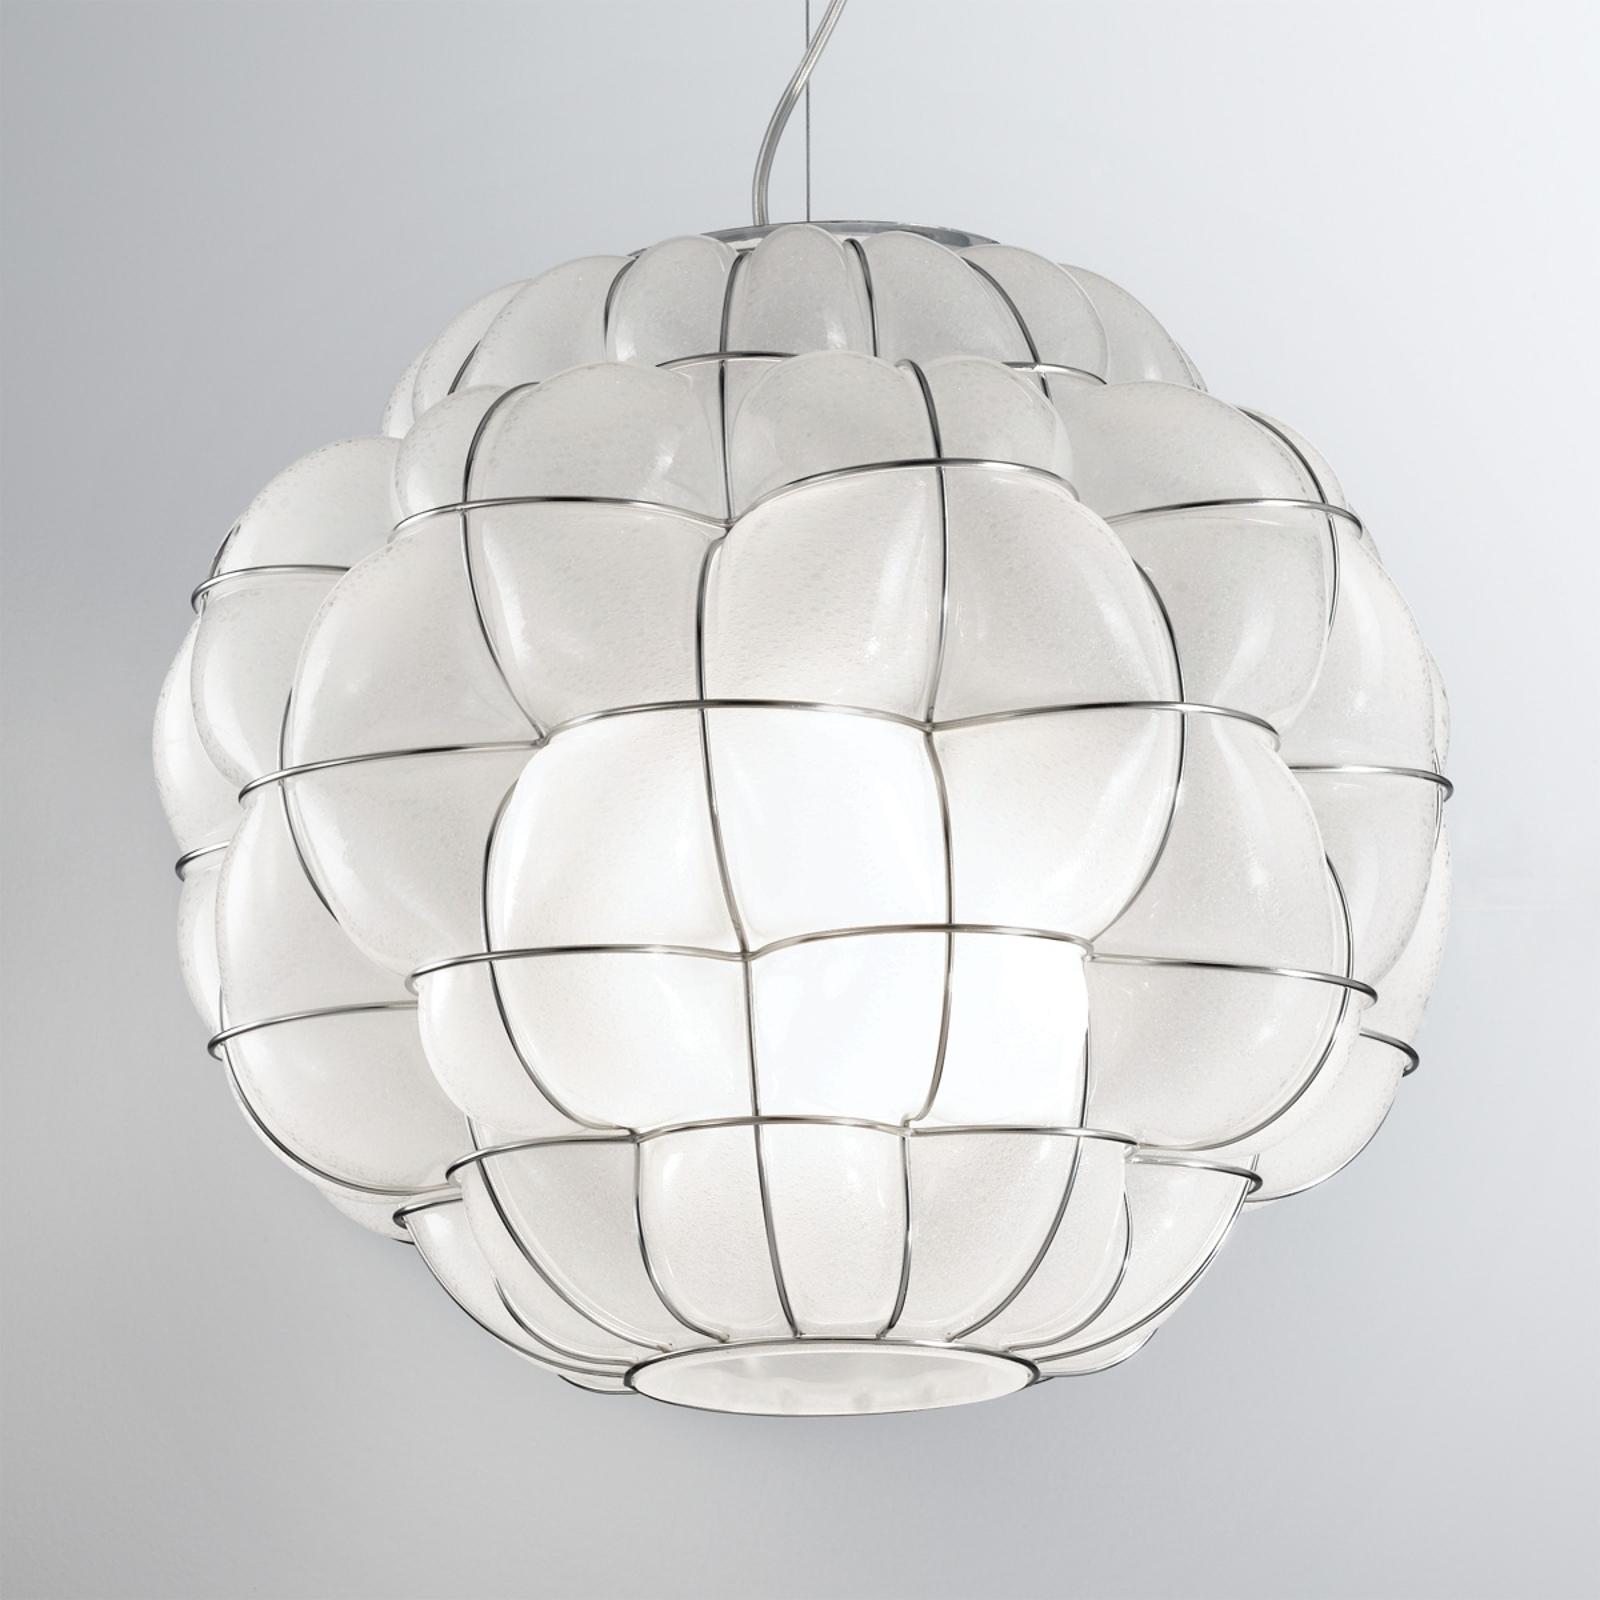 Lampa wisząca Pouff ze stali szlachetnej biała